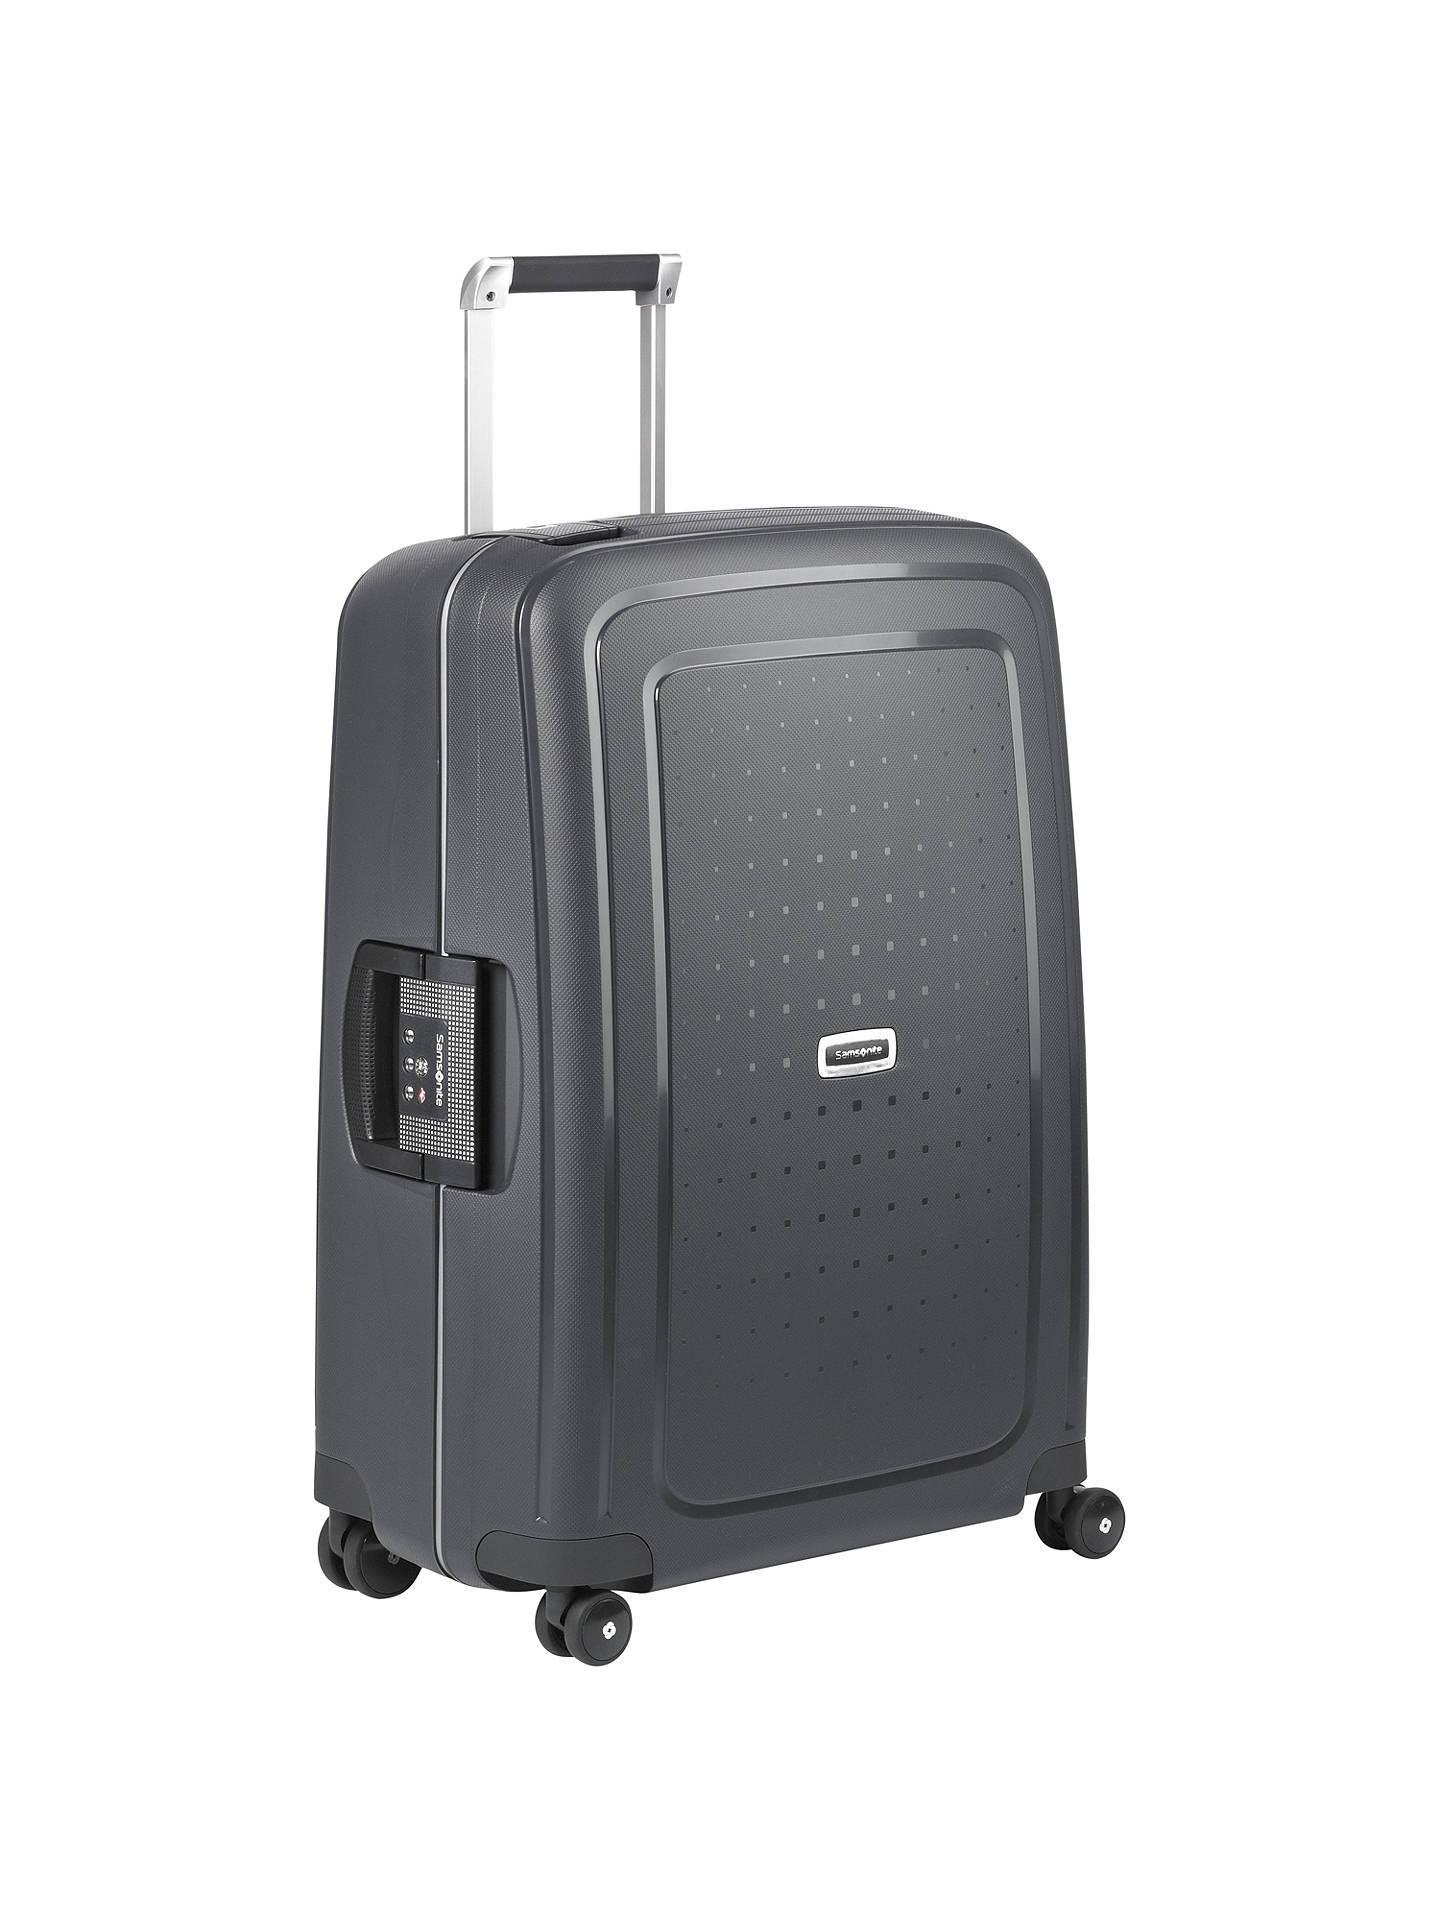 85f267d23fb Buy Samsonite S'cure Delux 4-Wheel 69cm Medium Suitcase, Graphite Online at